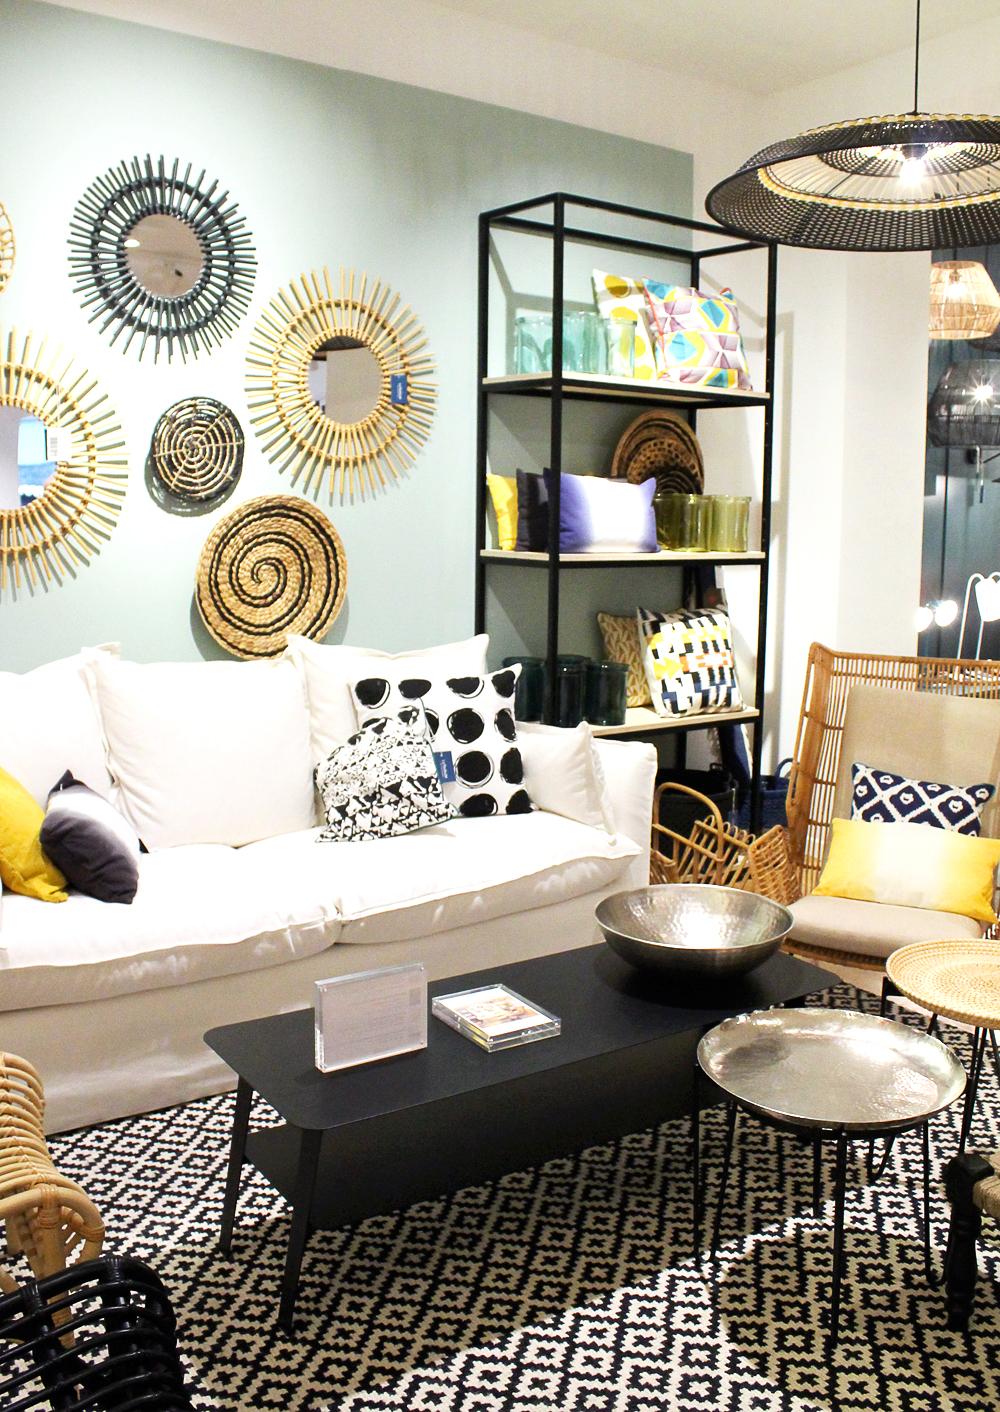 Liste des magasin la redoute maison design - La redoute interieur boutique ...